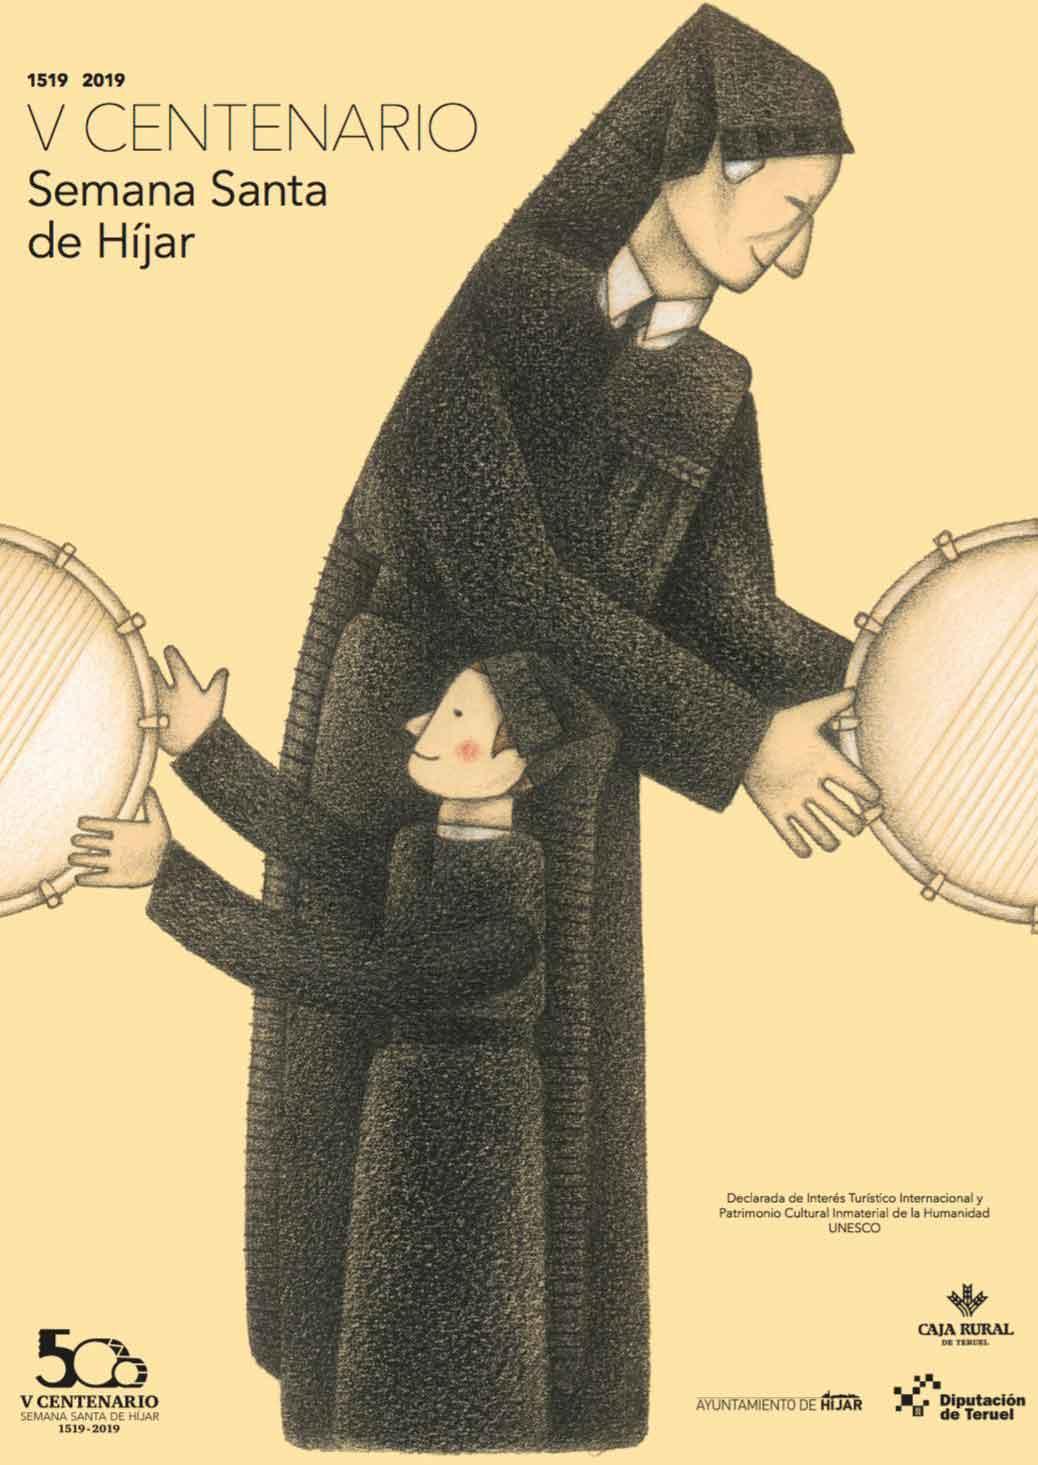 Cartel conmemorativo del quinto centenario de la Semana Santa de Híjar obra del ilustrador Alberto Gamón.